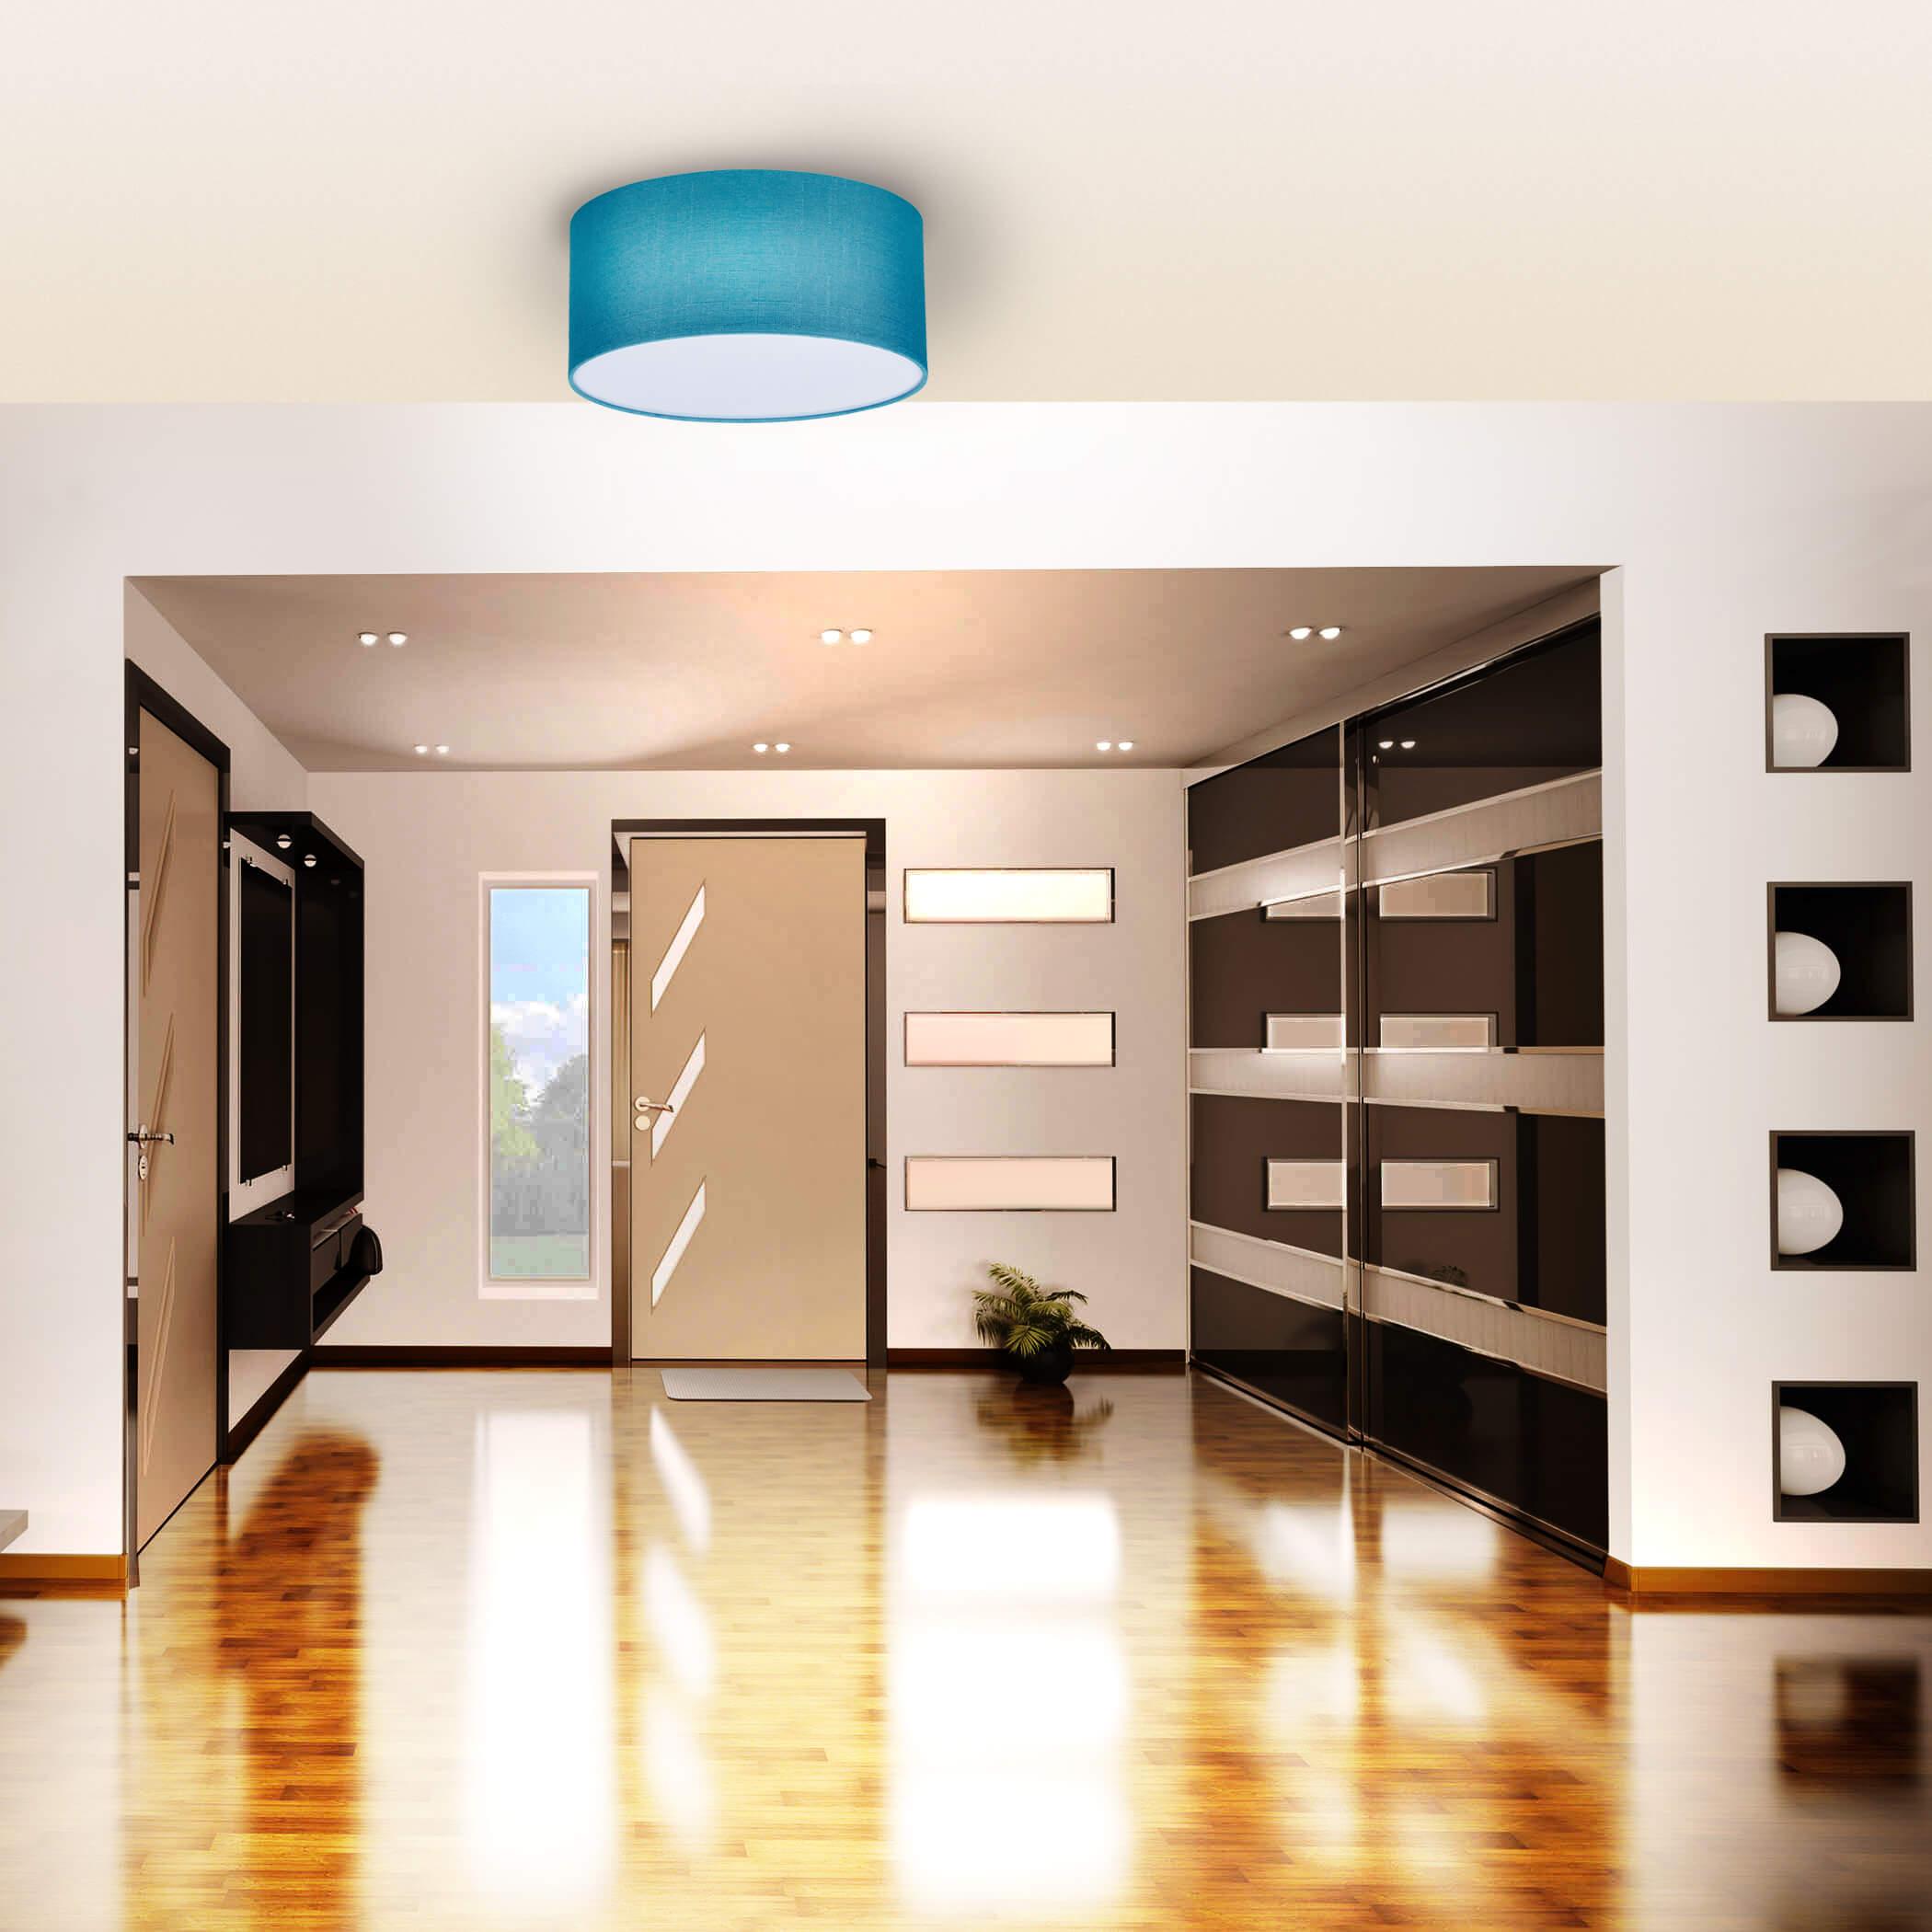 Full Size of Design Deckenleuchten Deckenleuchte E27 Trkis Inklled Led Lampen Und Leuchten Im Wohnzimmer Küche Schlafzimmer Esstische Bad Industriedesign Designer Esstisch Wohnzimmer Design Deckenleuchten